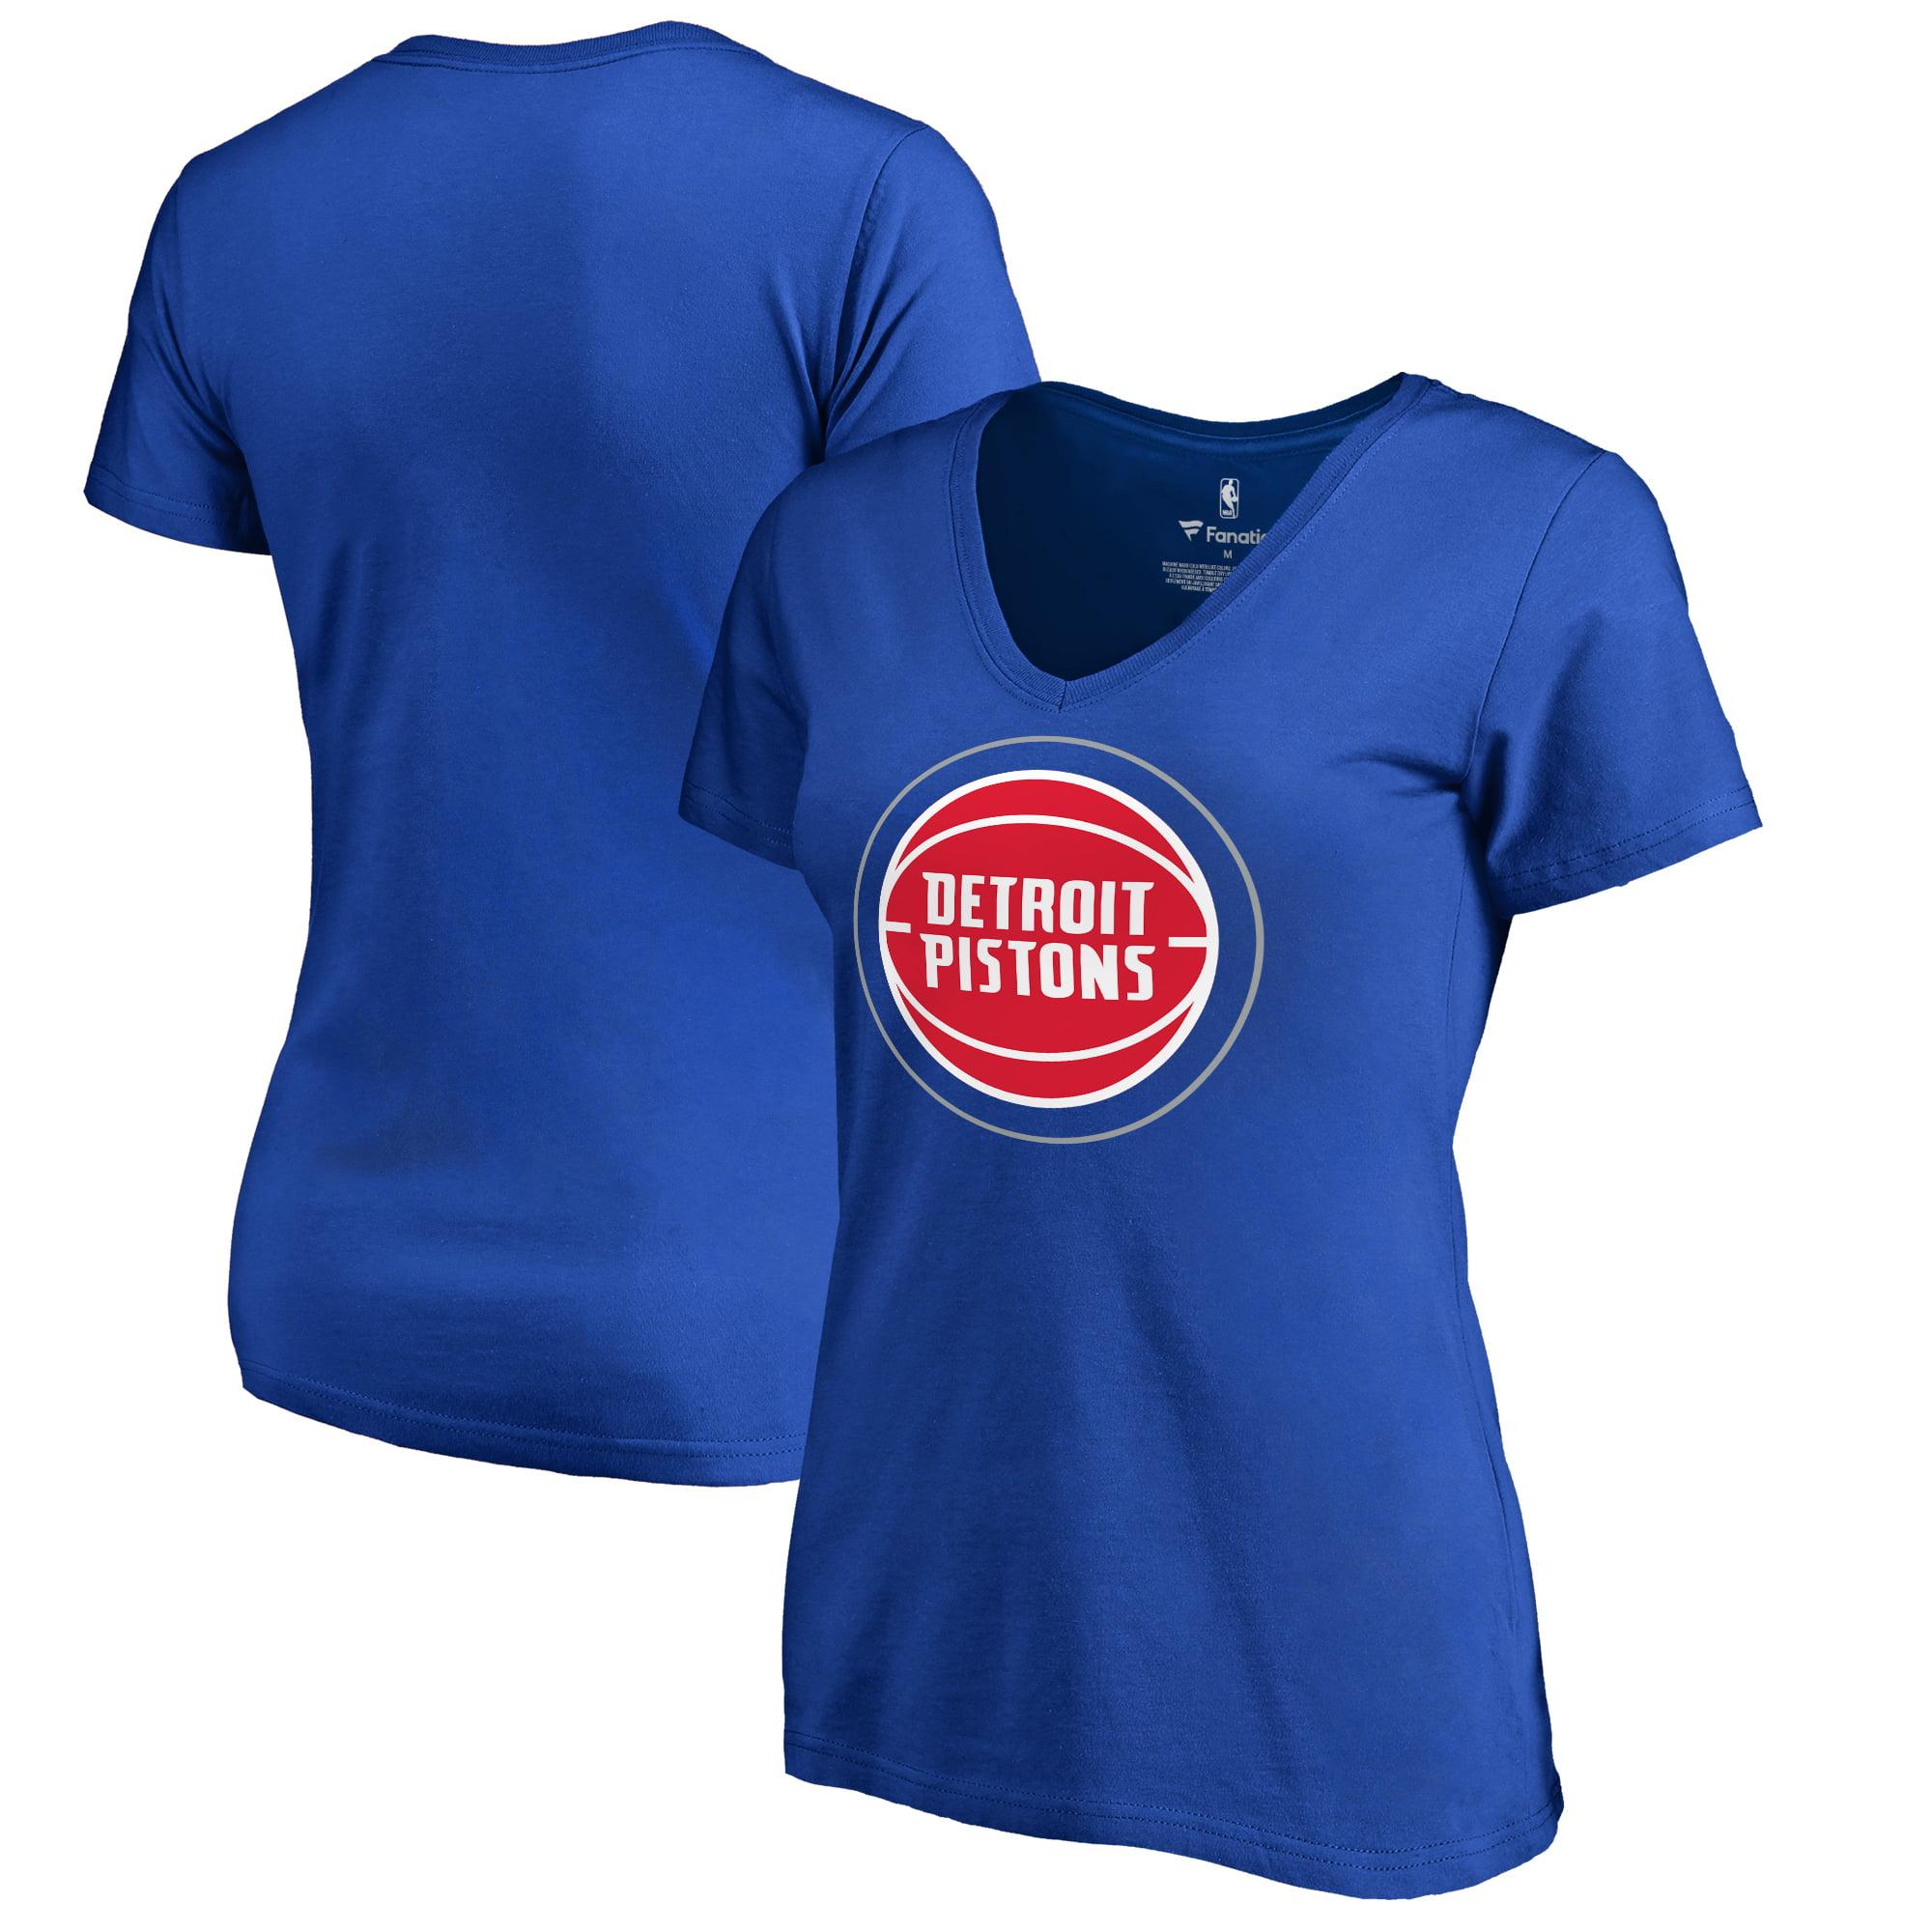 Detroit Pistons Fanatics Branded Women's Primary Logo V-Neck T-Shirt - Blue